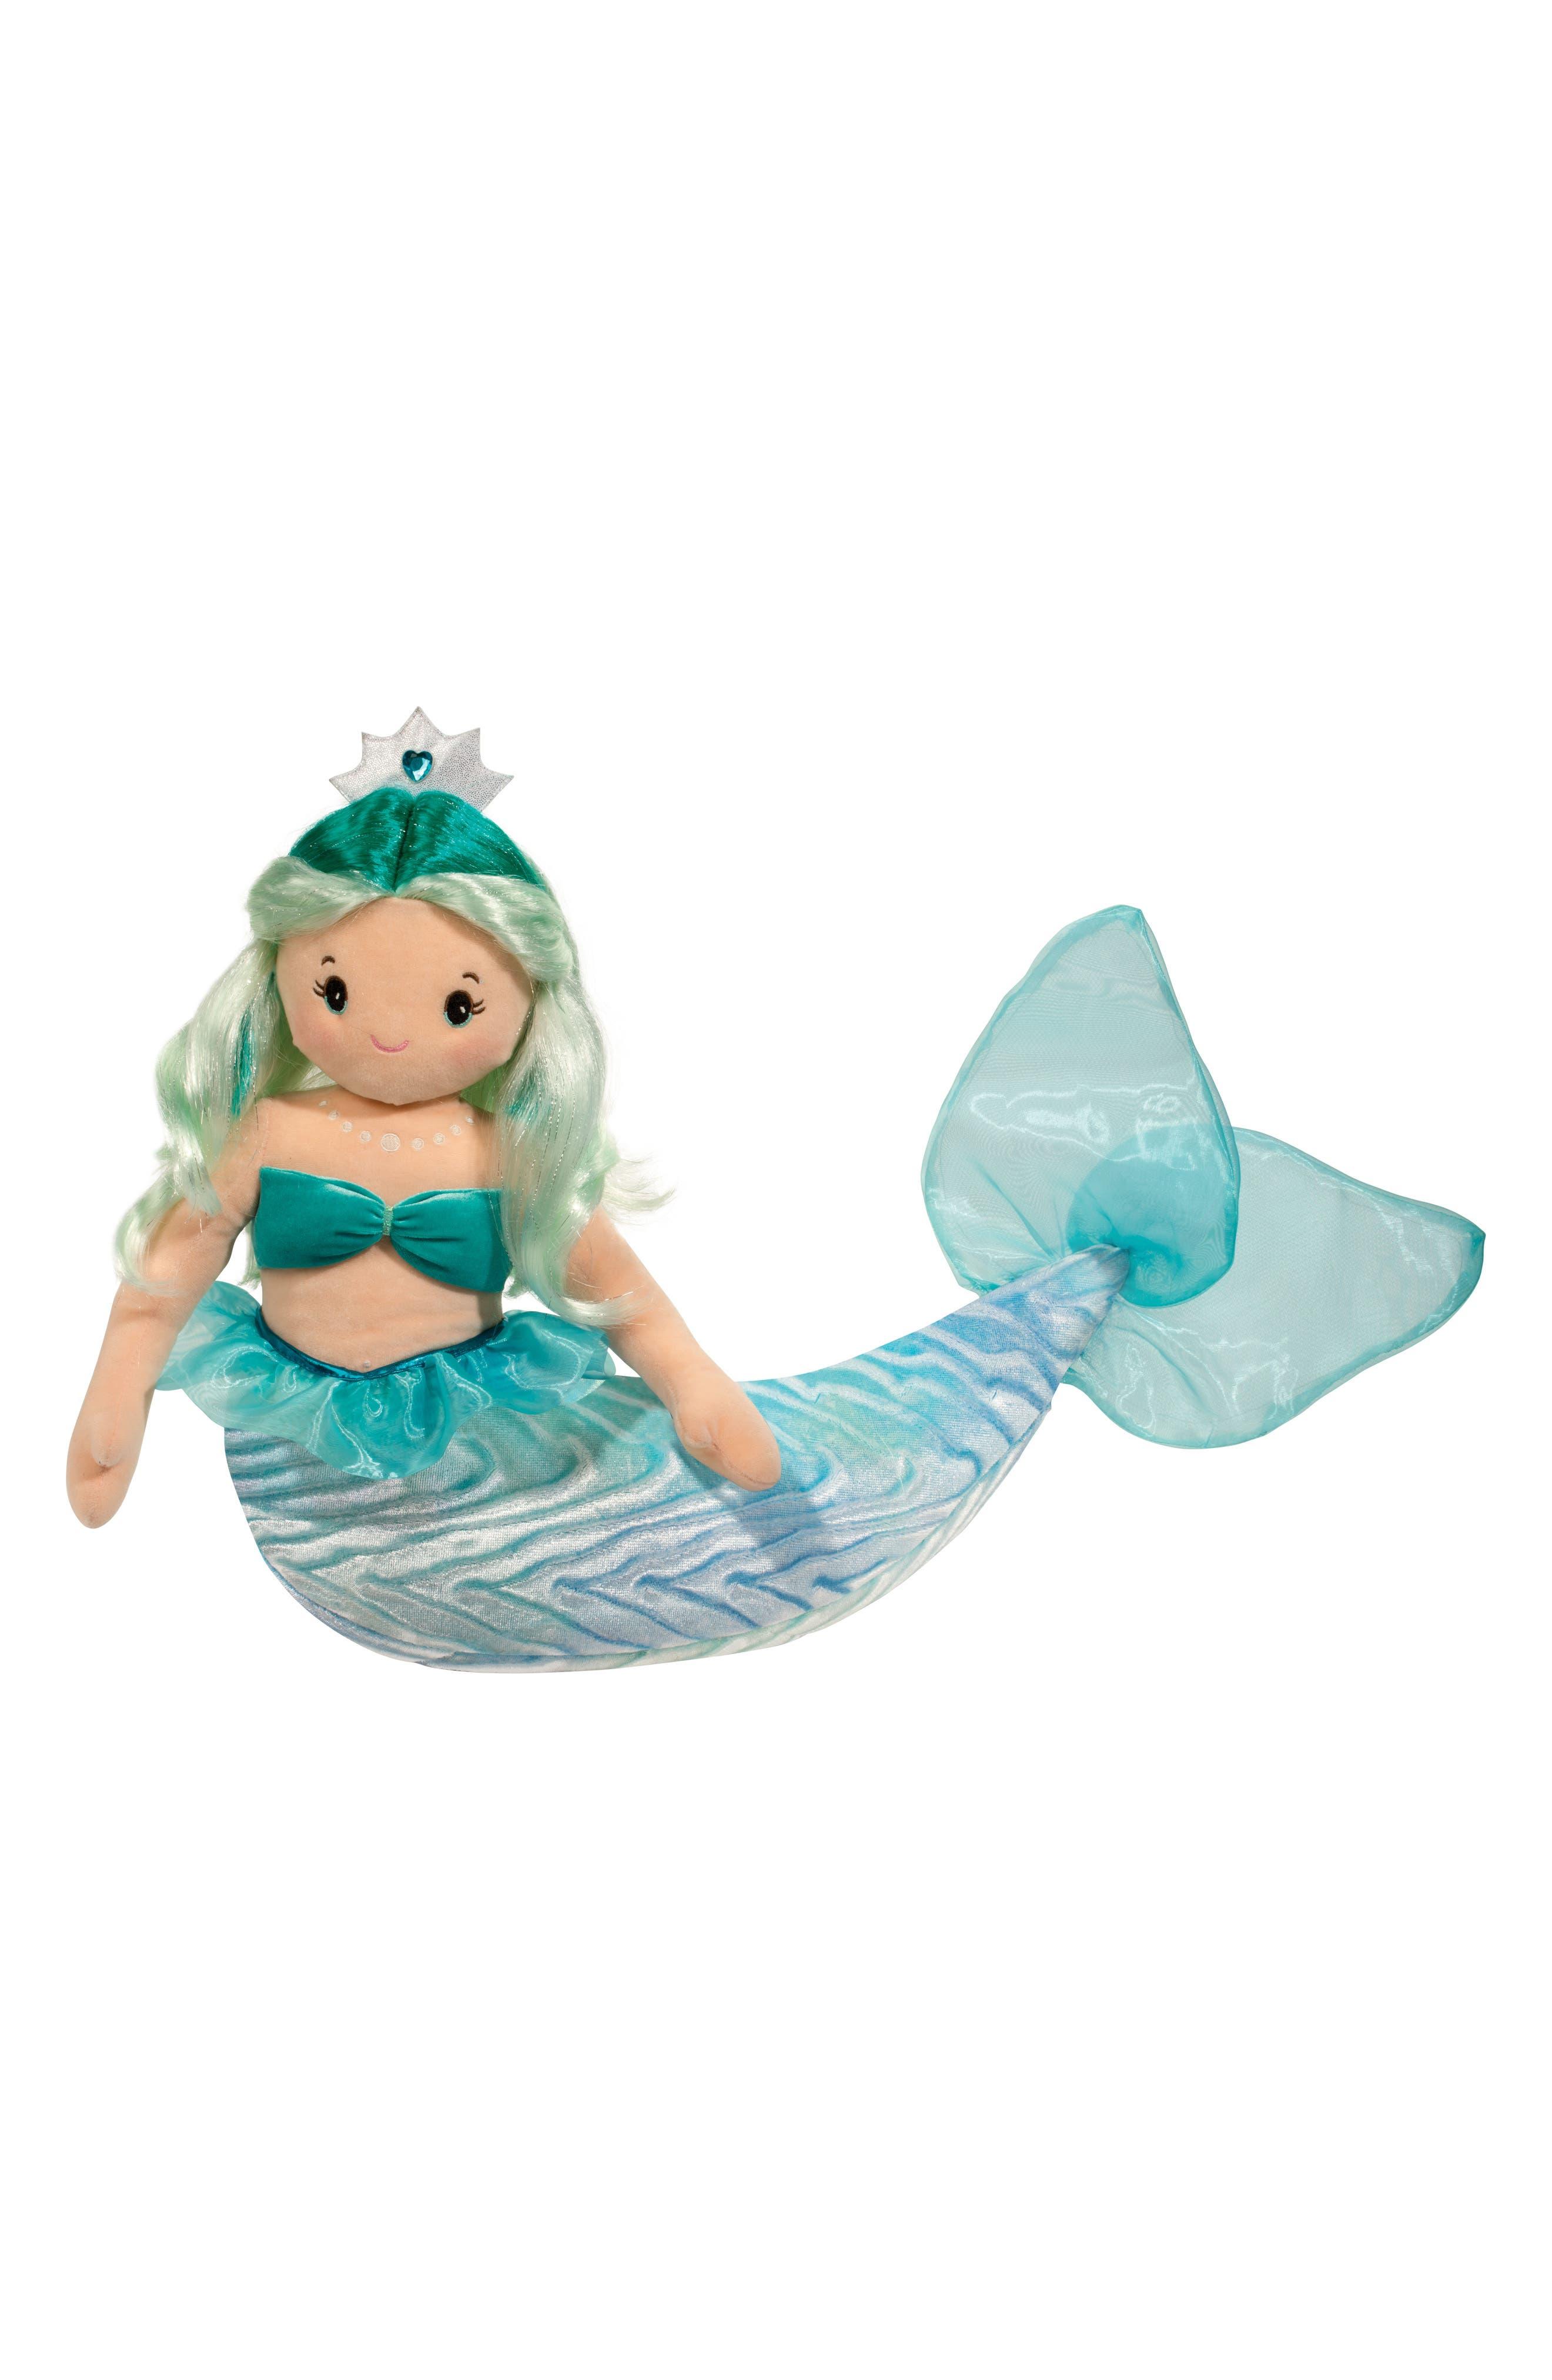 Ciara - Extra Large Aqua Mermaid Doll,                         Main,                         color, Aqua